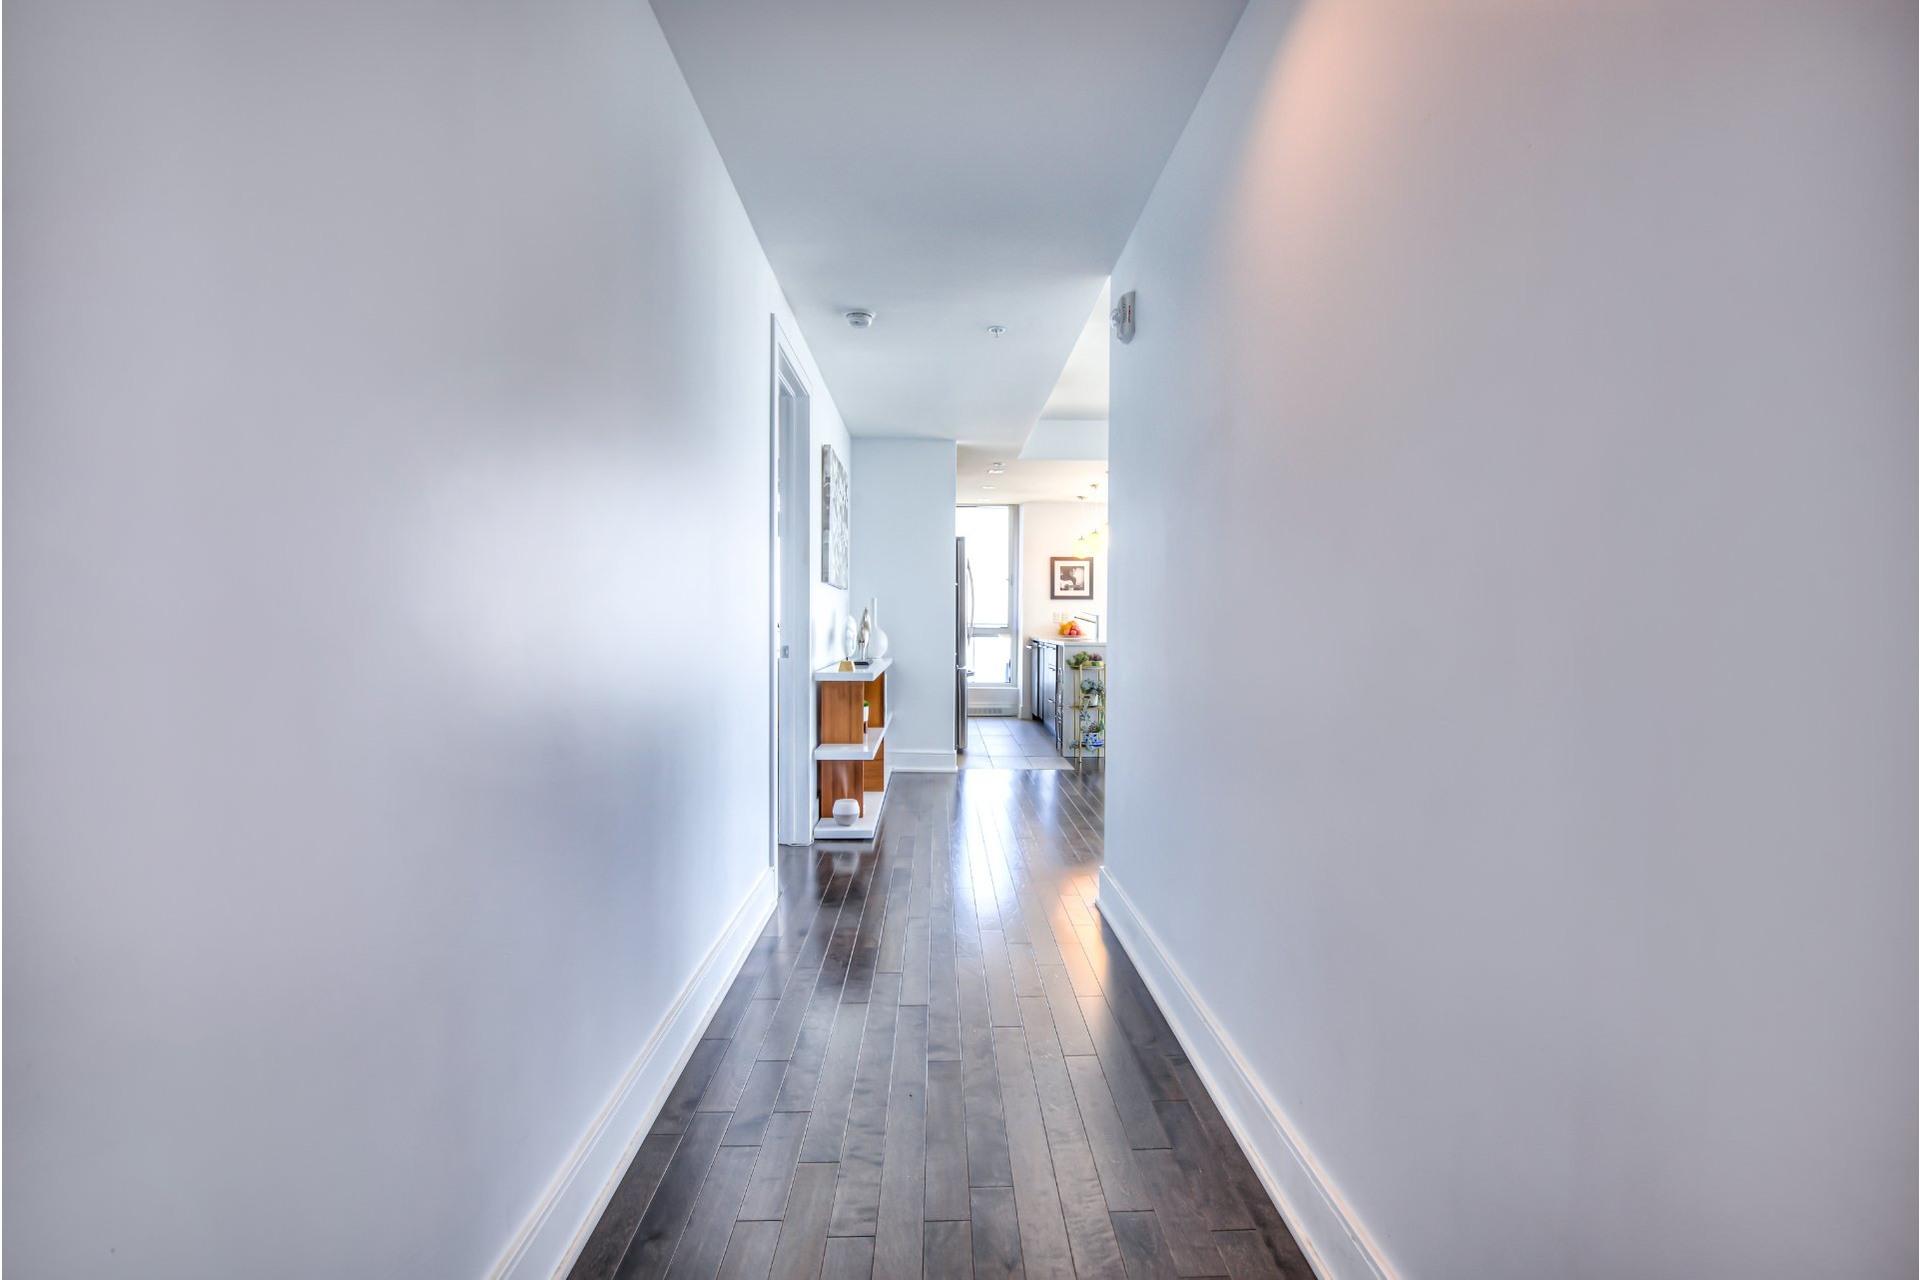 image 3 - Appartement À vendre Verdun/Île-des-Soeurs Montréal  - 11 pièces